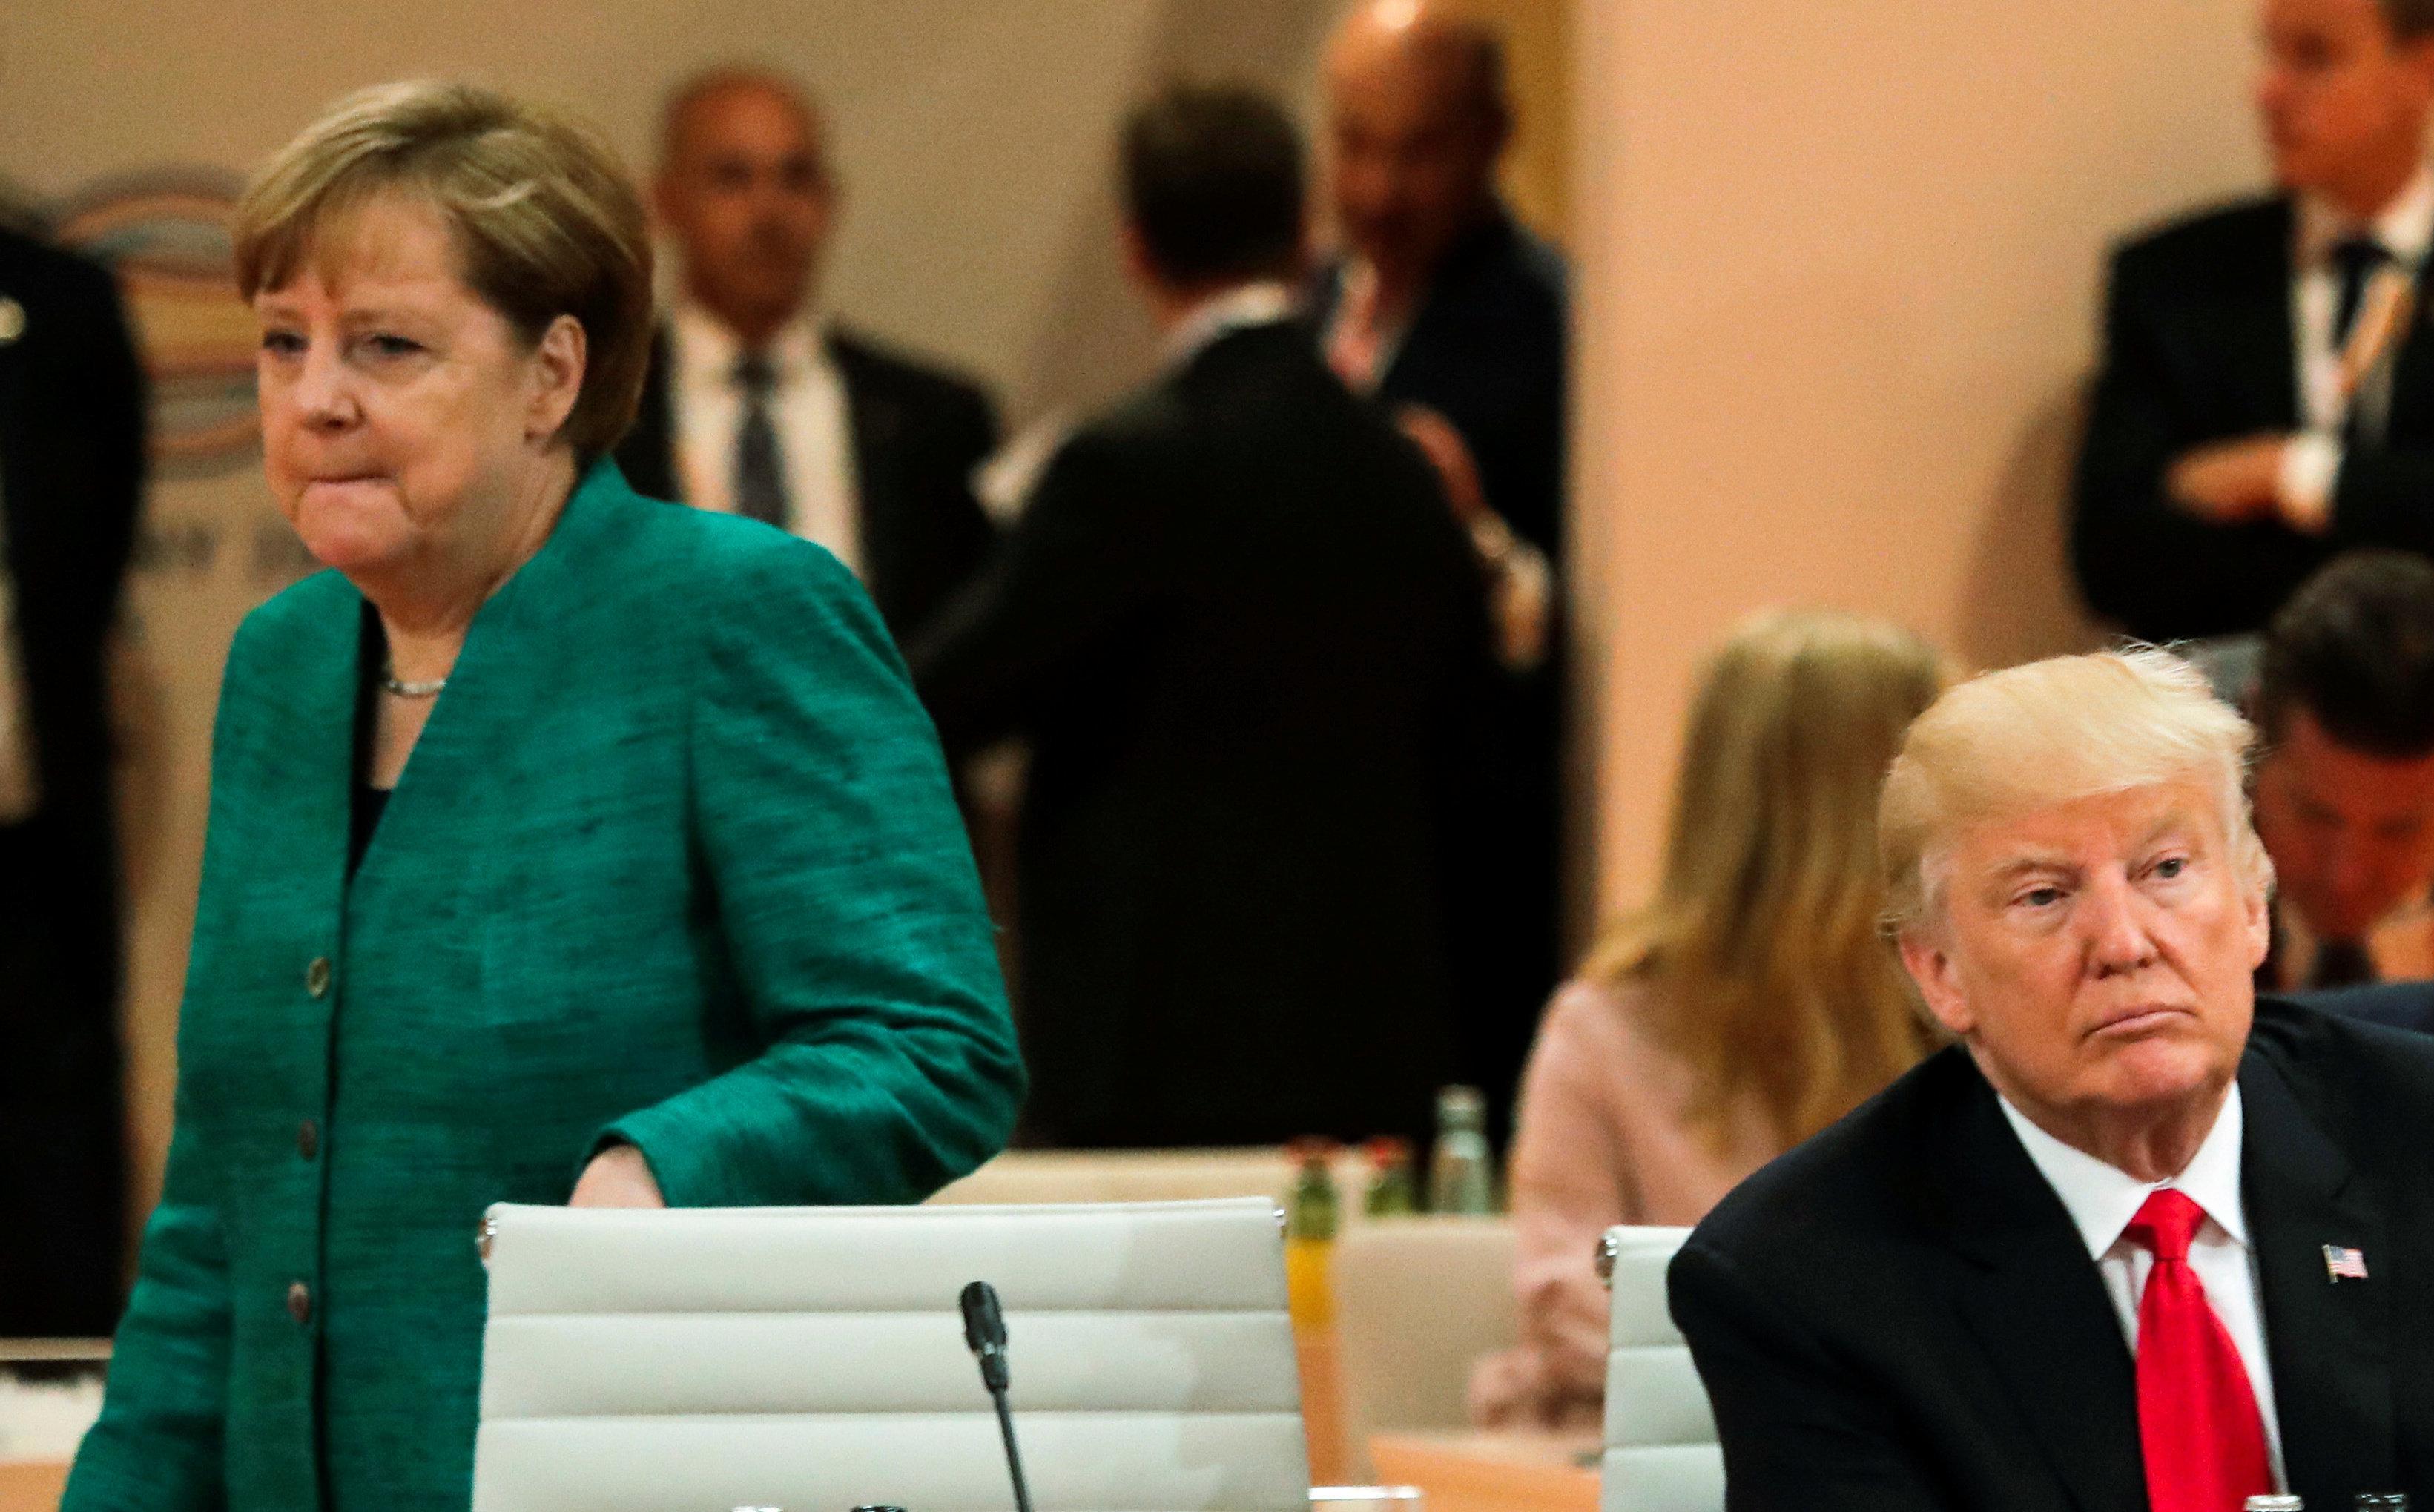 Merkel: Rechtspopulismus Gift für Gesellschaften in Europa